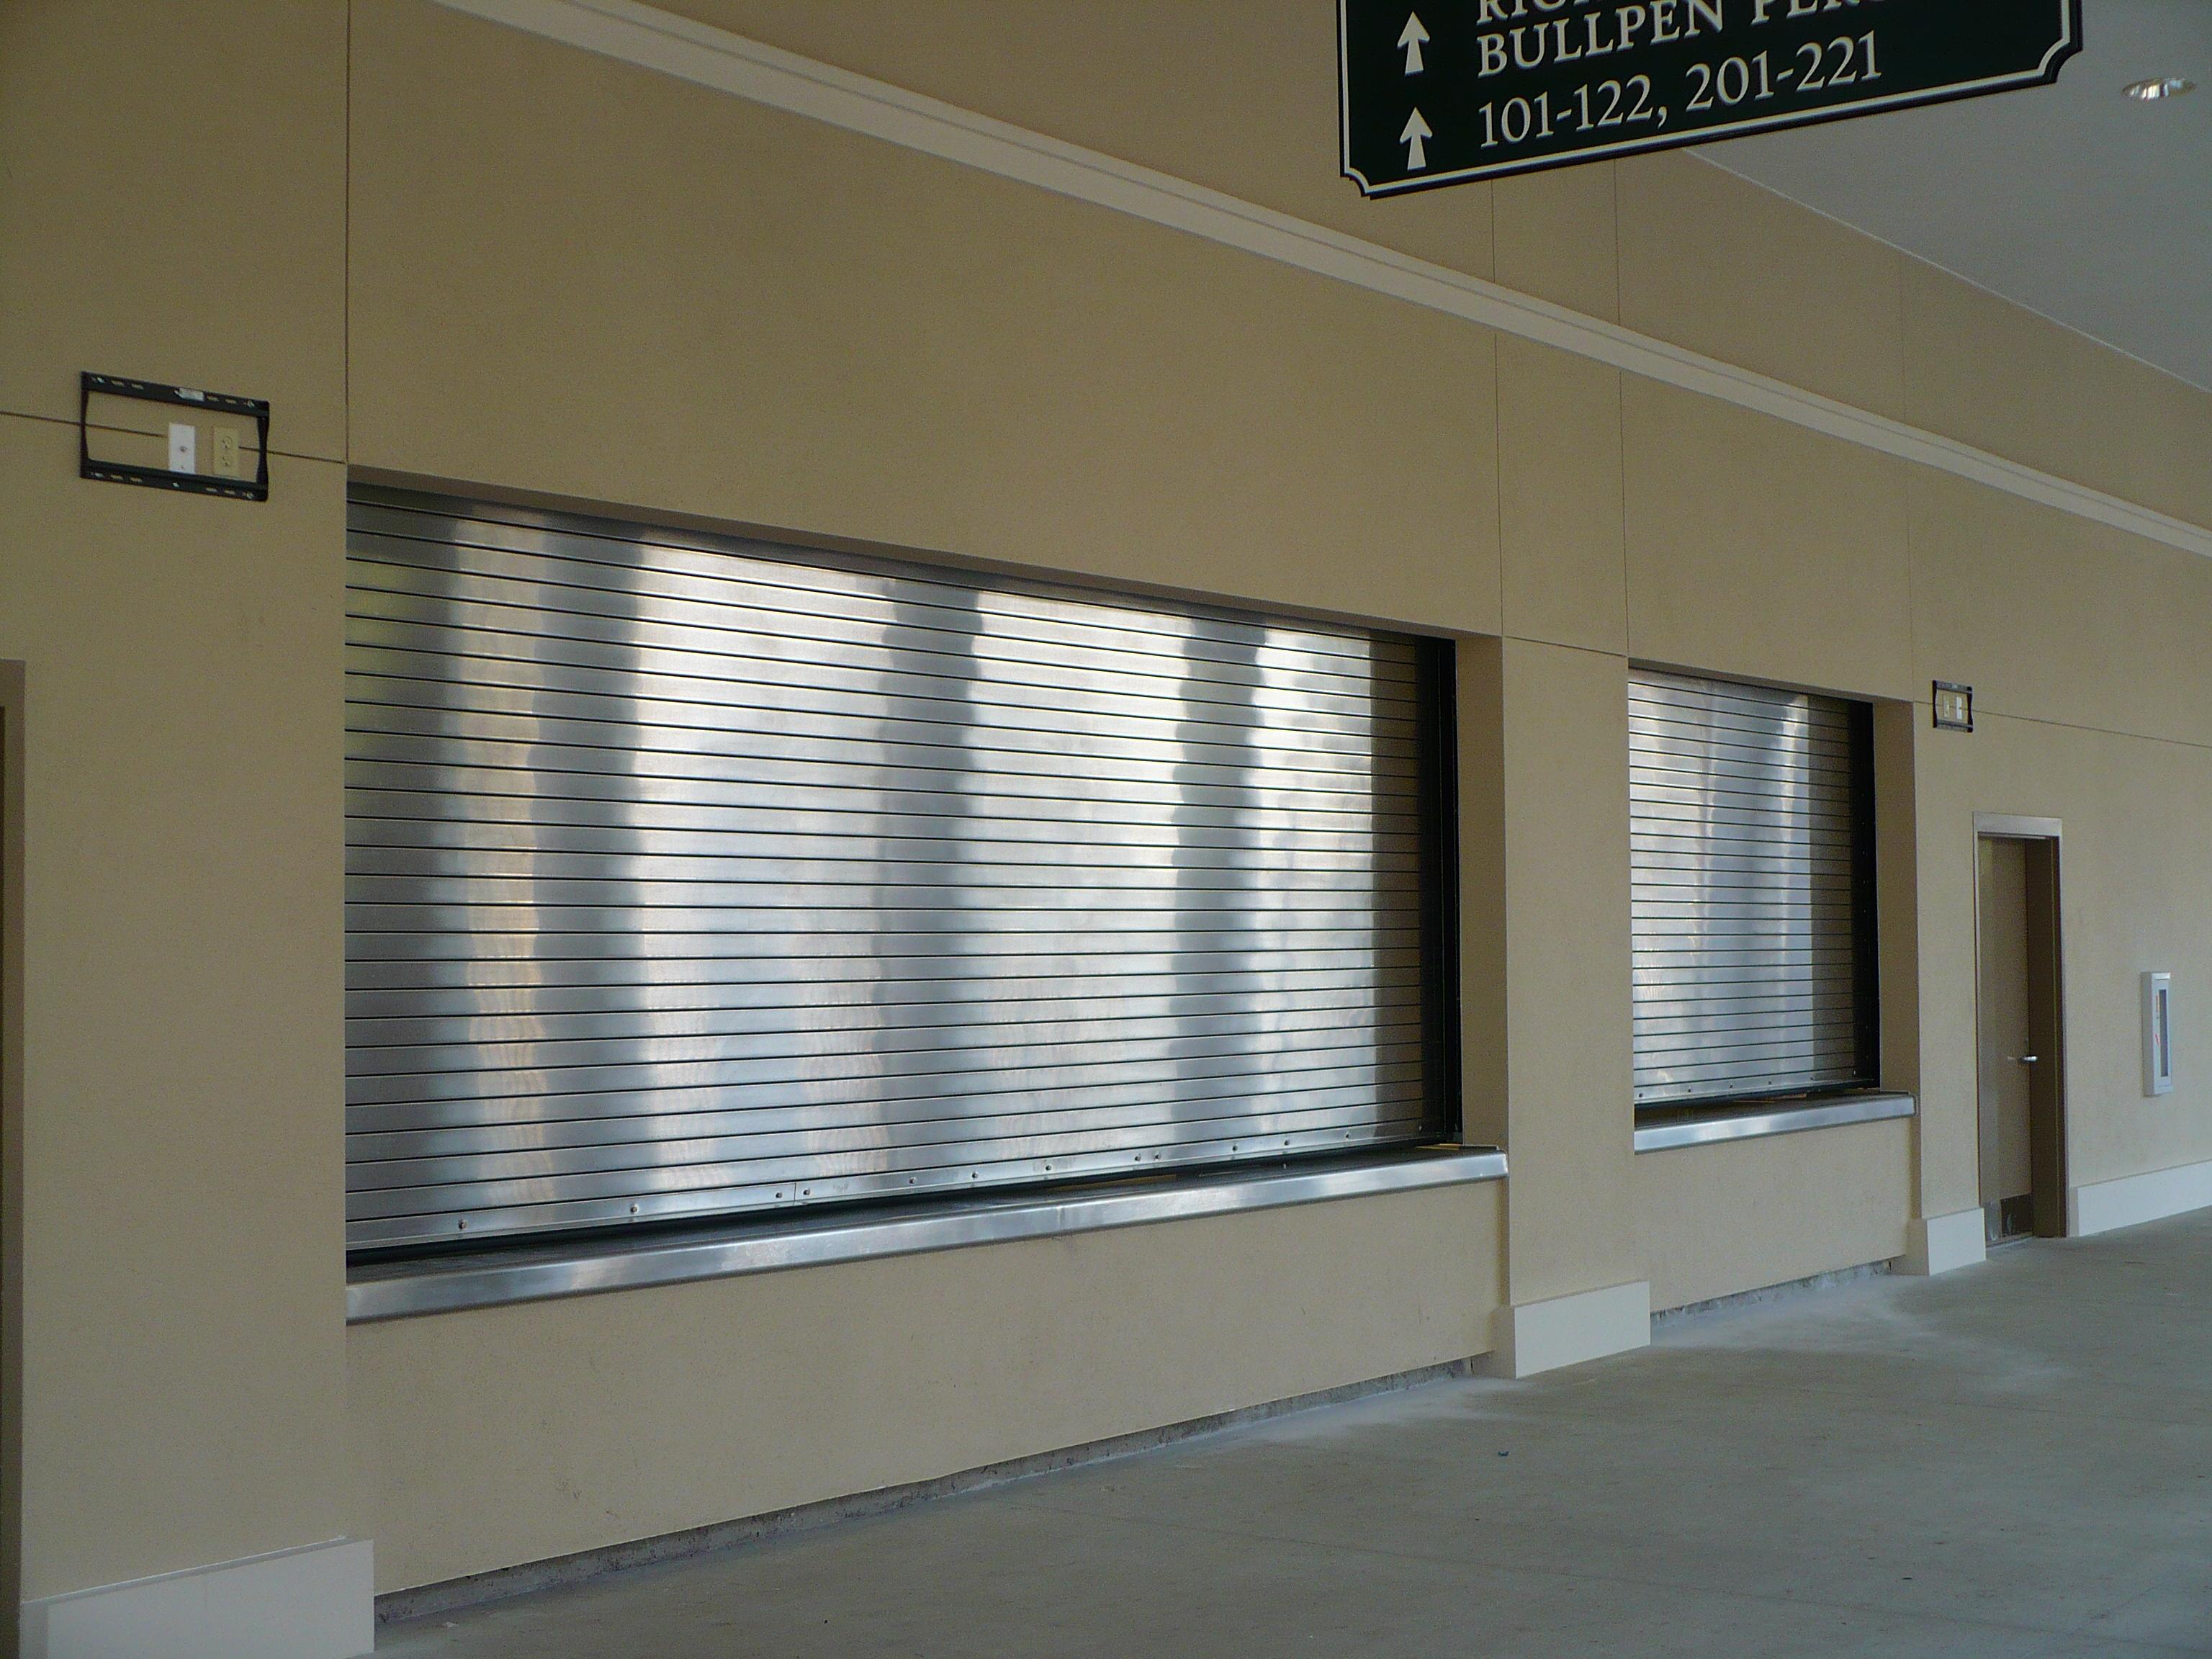 Cornell Counter Door & Rolling Steel Doors - Omaha Door u0026 Window